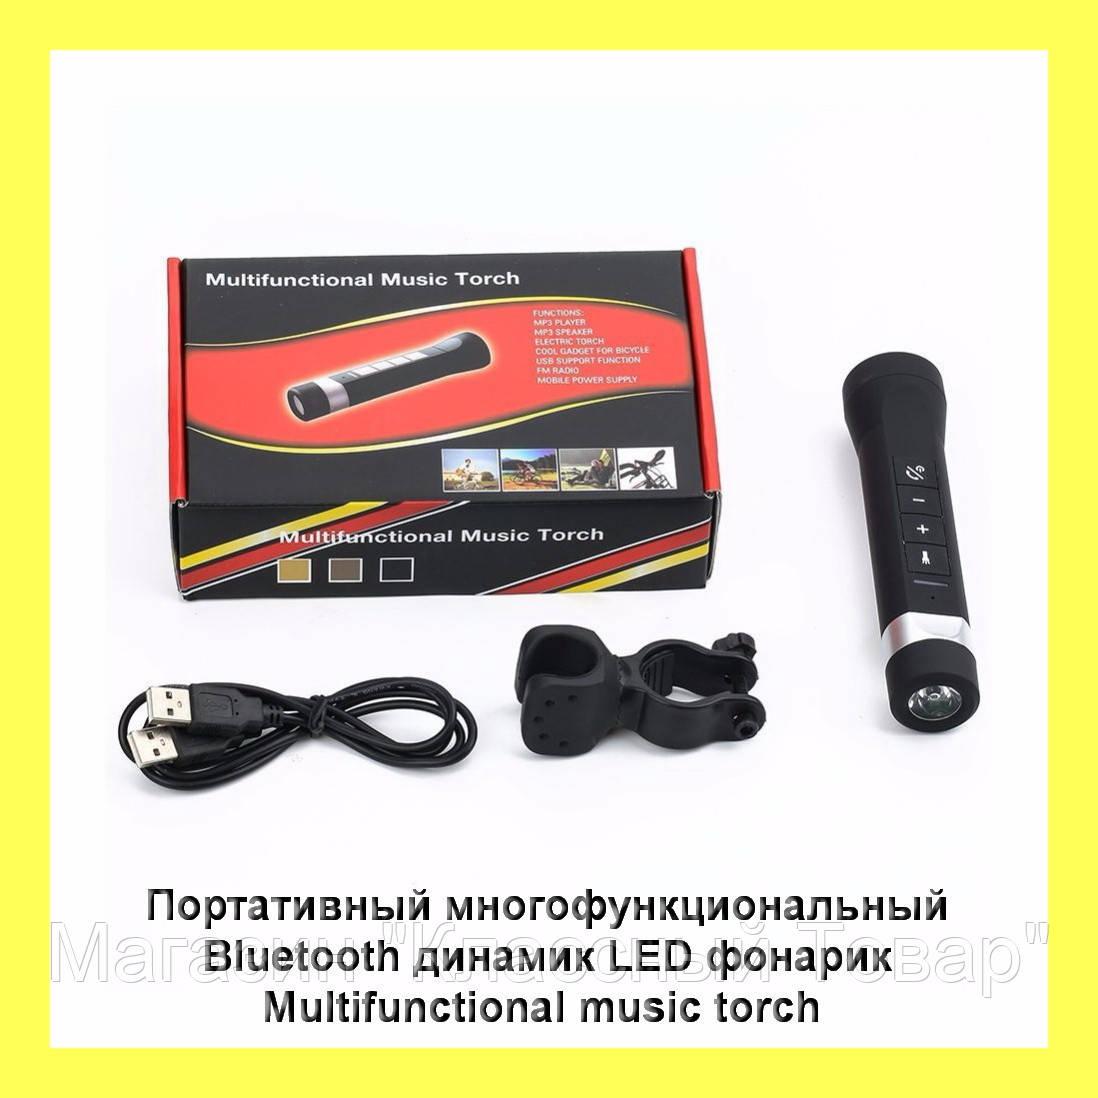 Портативный многофункциональный Bluetooth динамик LED фонарик Multifunctional music torch!Лучший подарок